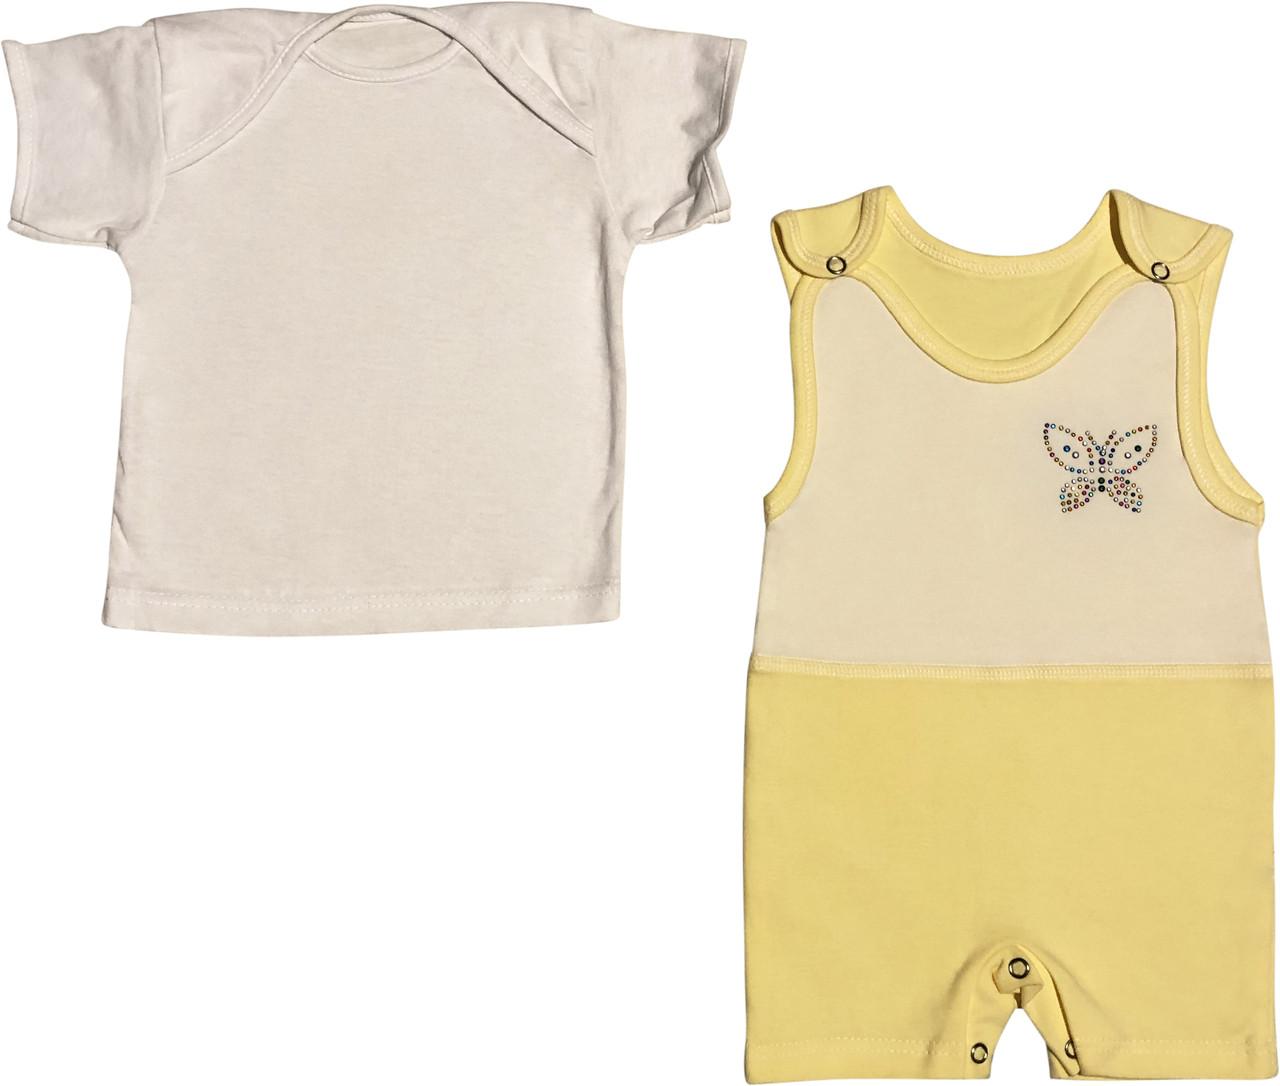 Літній костюм на дівчинку зріст 74 6-9 міс для новонароджених малюків комплект дитячий трикотажний літо жовтий